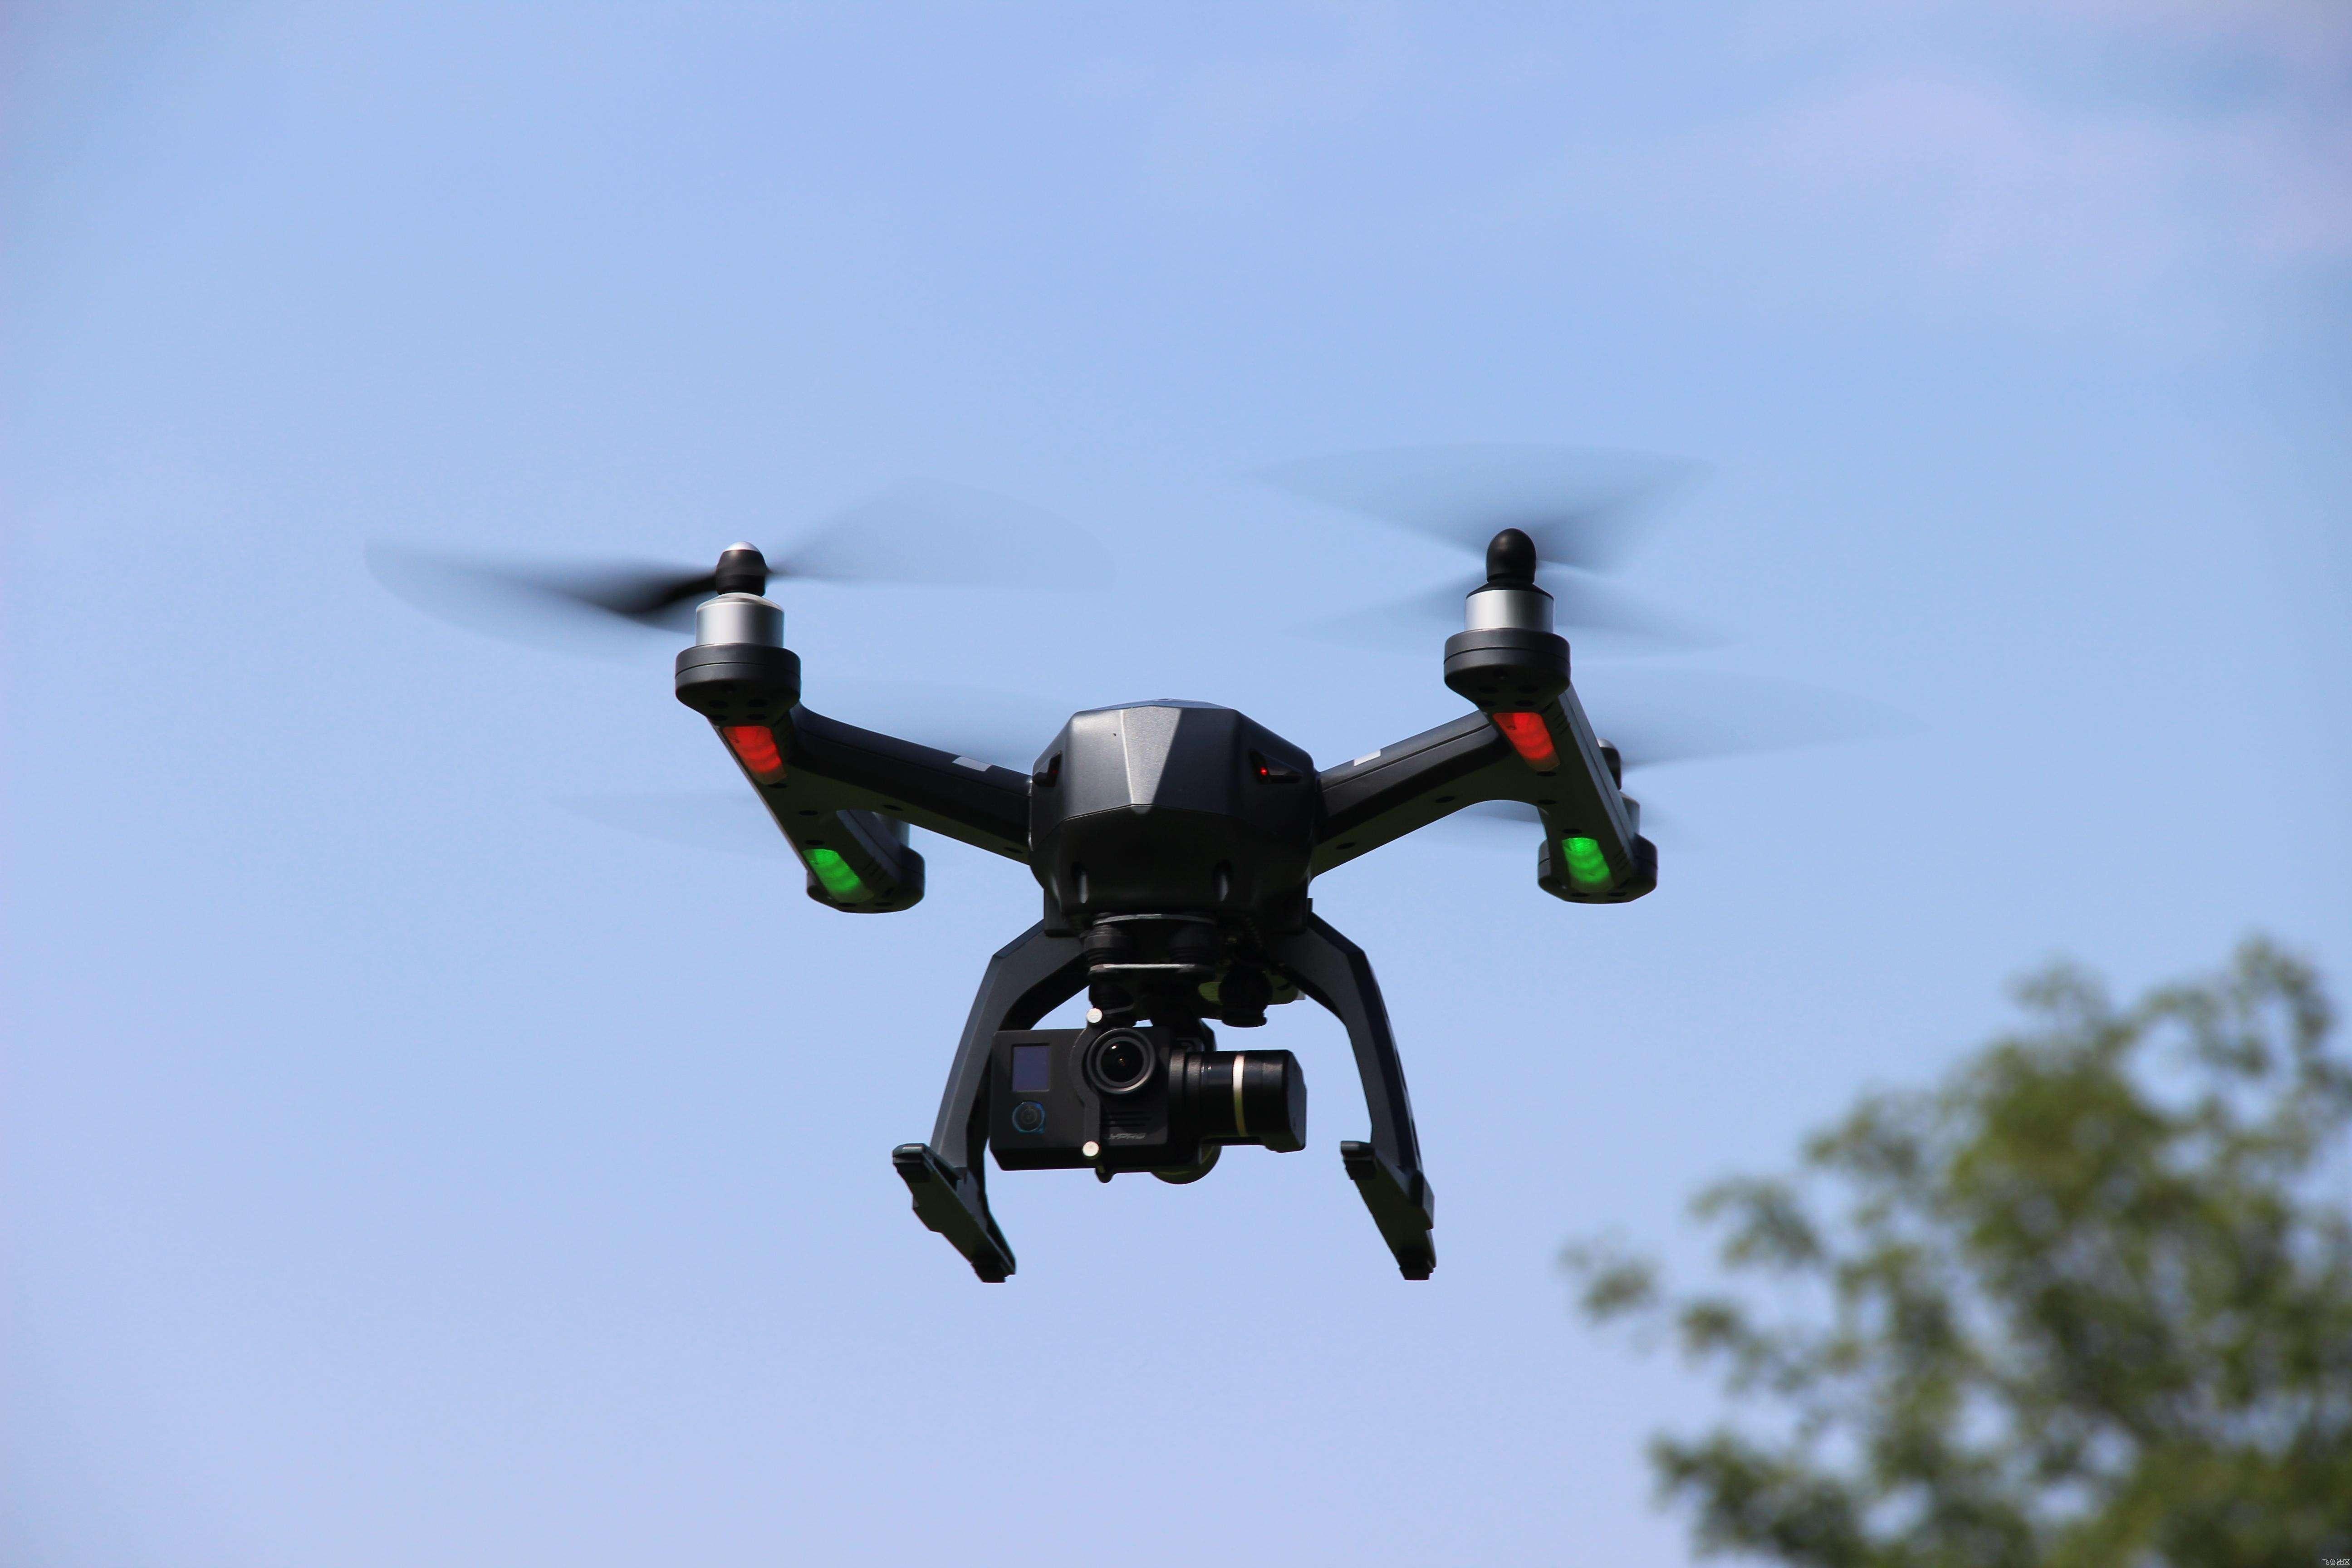 无人机反制系统无线电侦测,无人机无处ke藏了